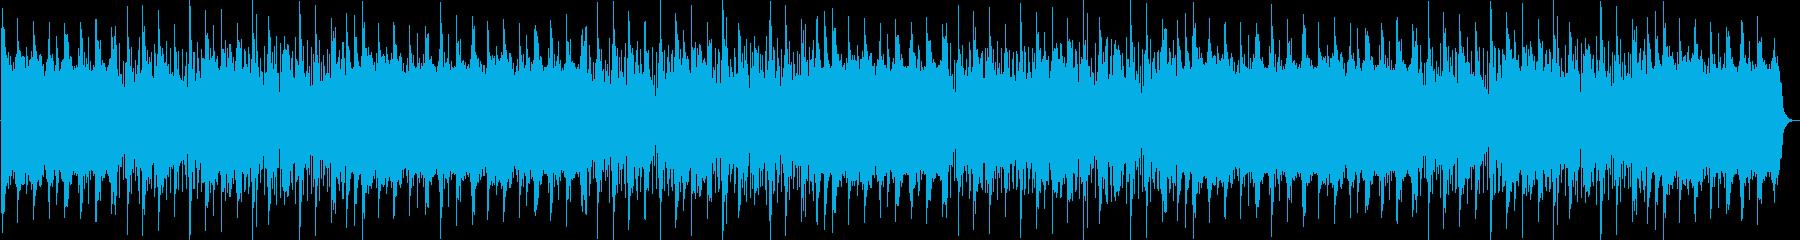 チェンバロ、トランペットのメロディ...の再生済みの波形